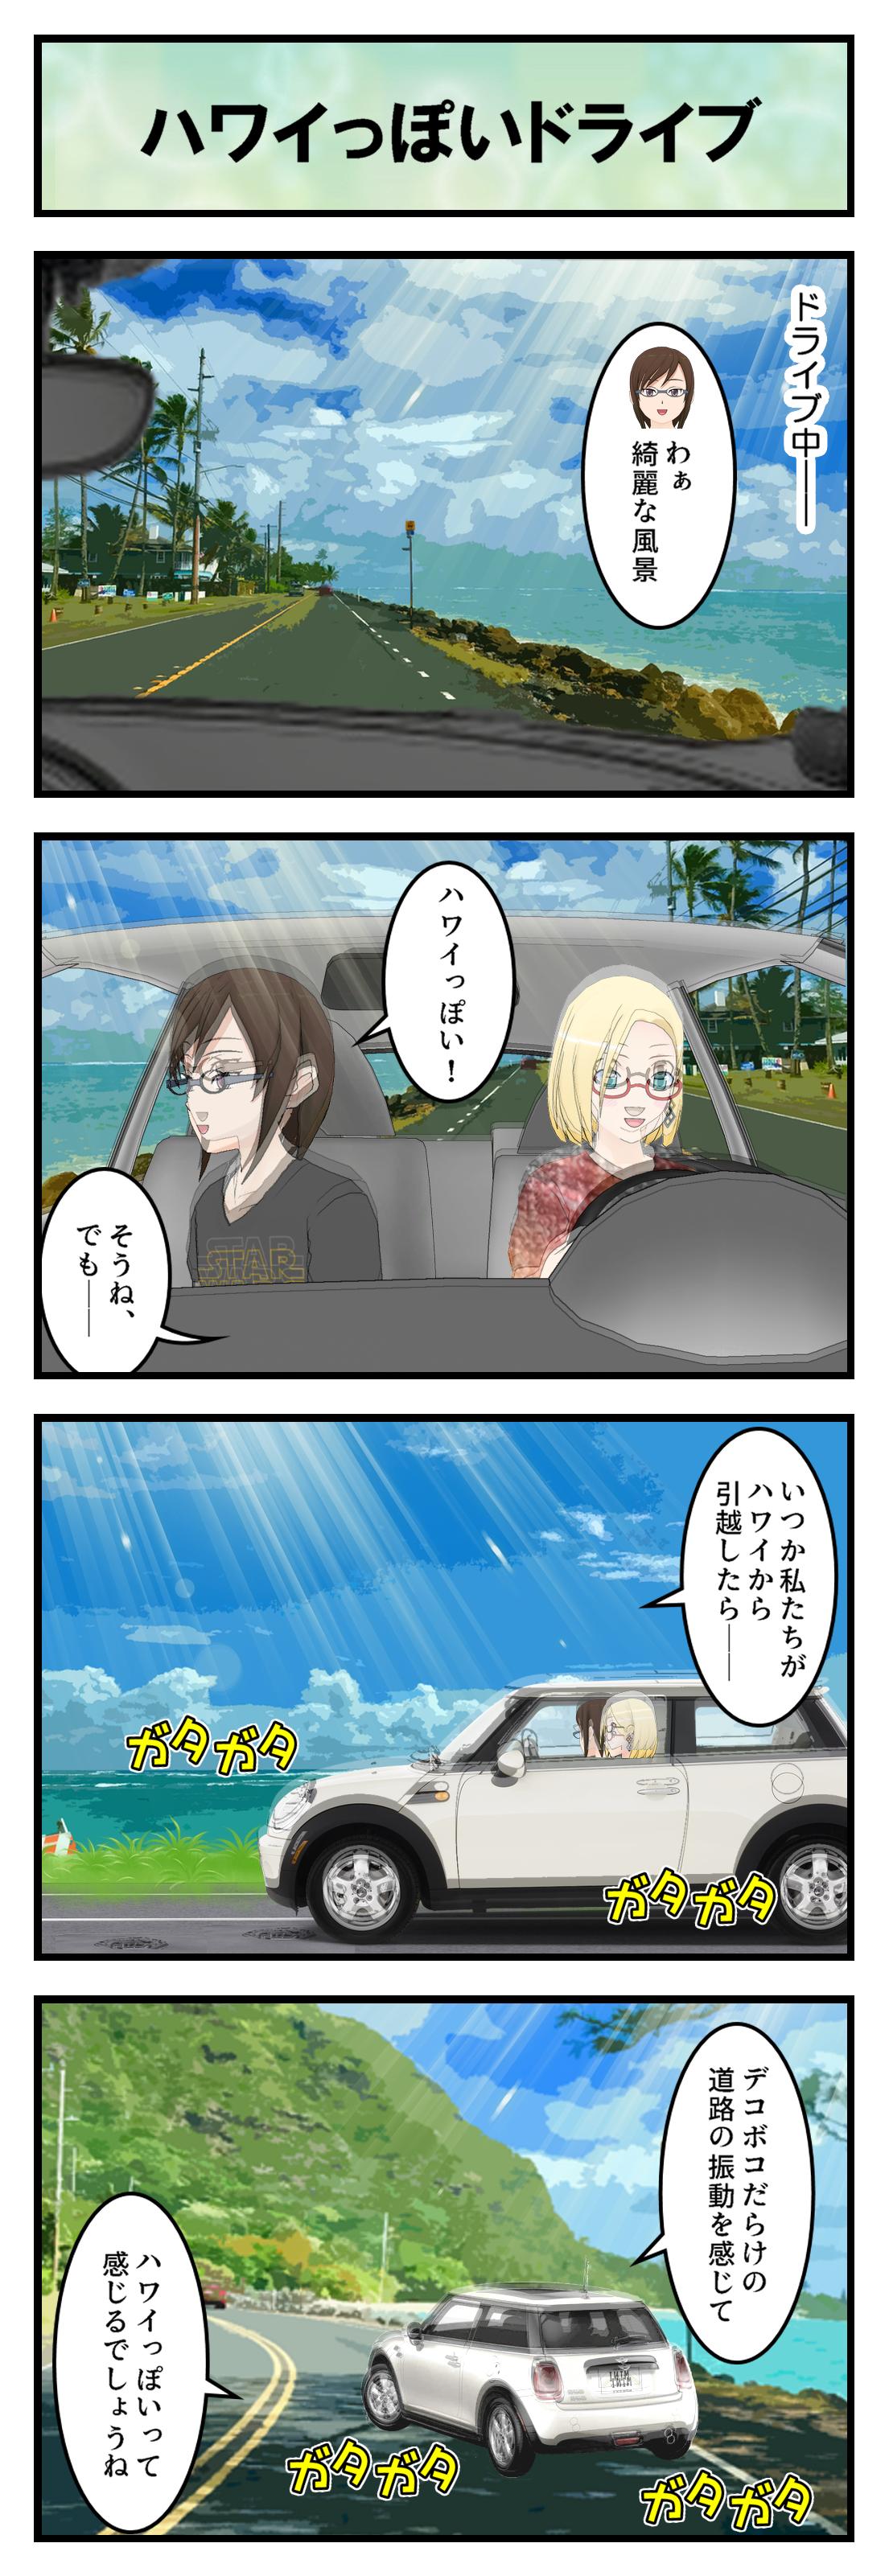 R093_ハワイのドライブ_001